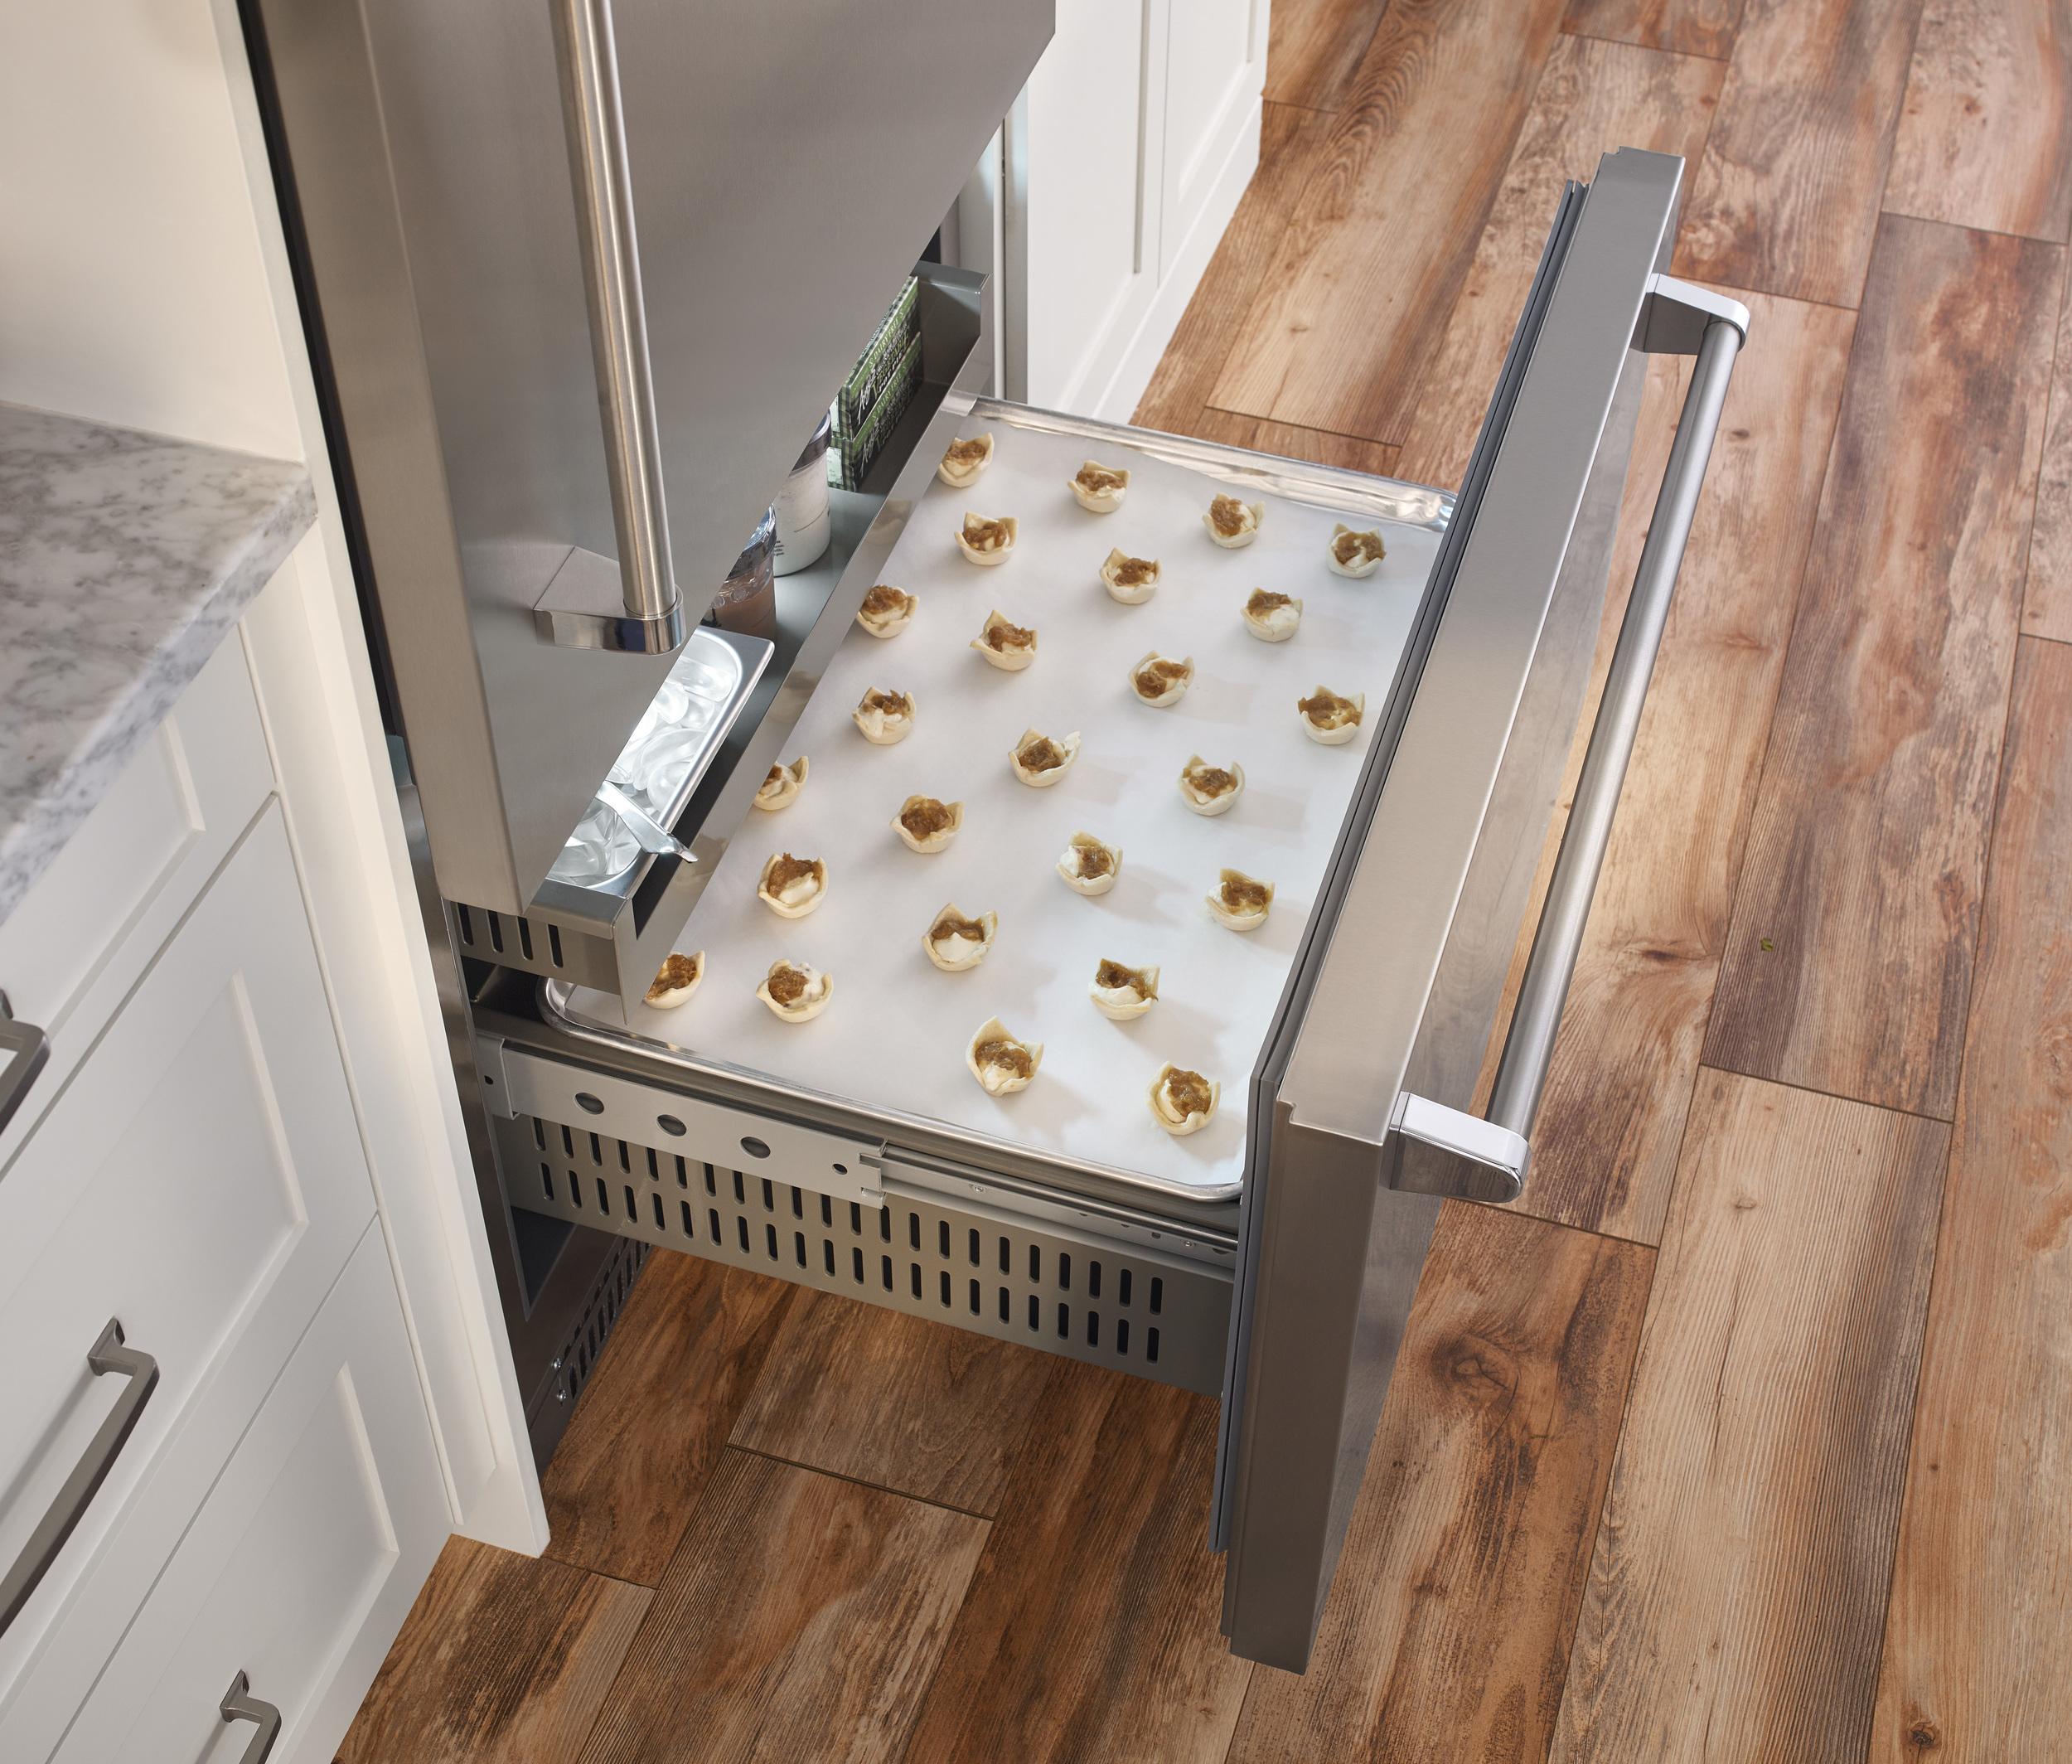 Freezer-Interior-Sheet-Pan_DET.jpg